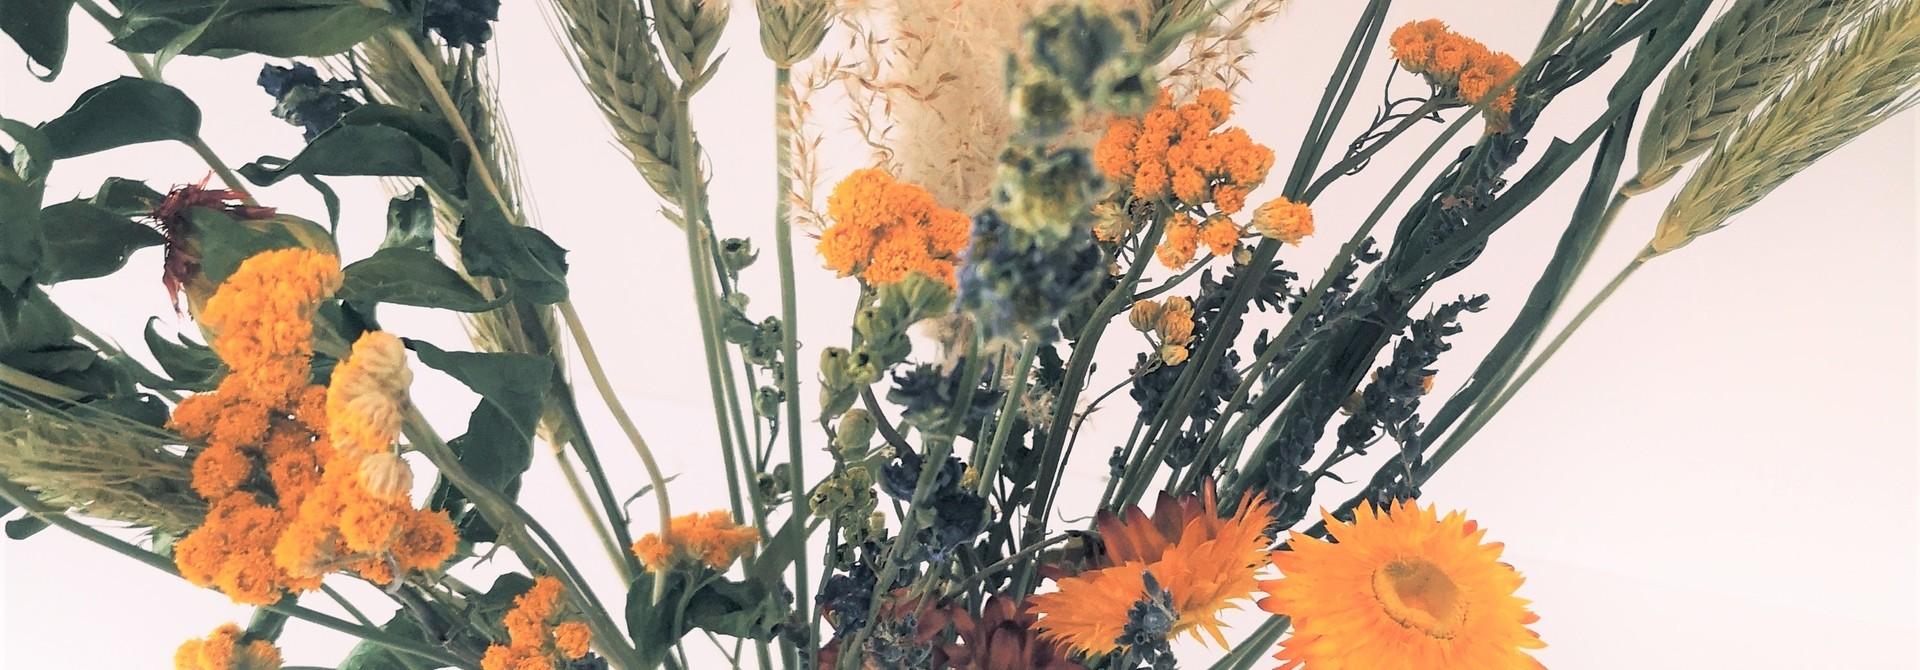 Wildflowers ROMEE - Large